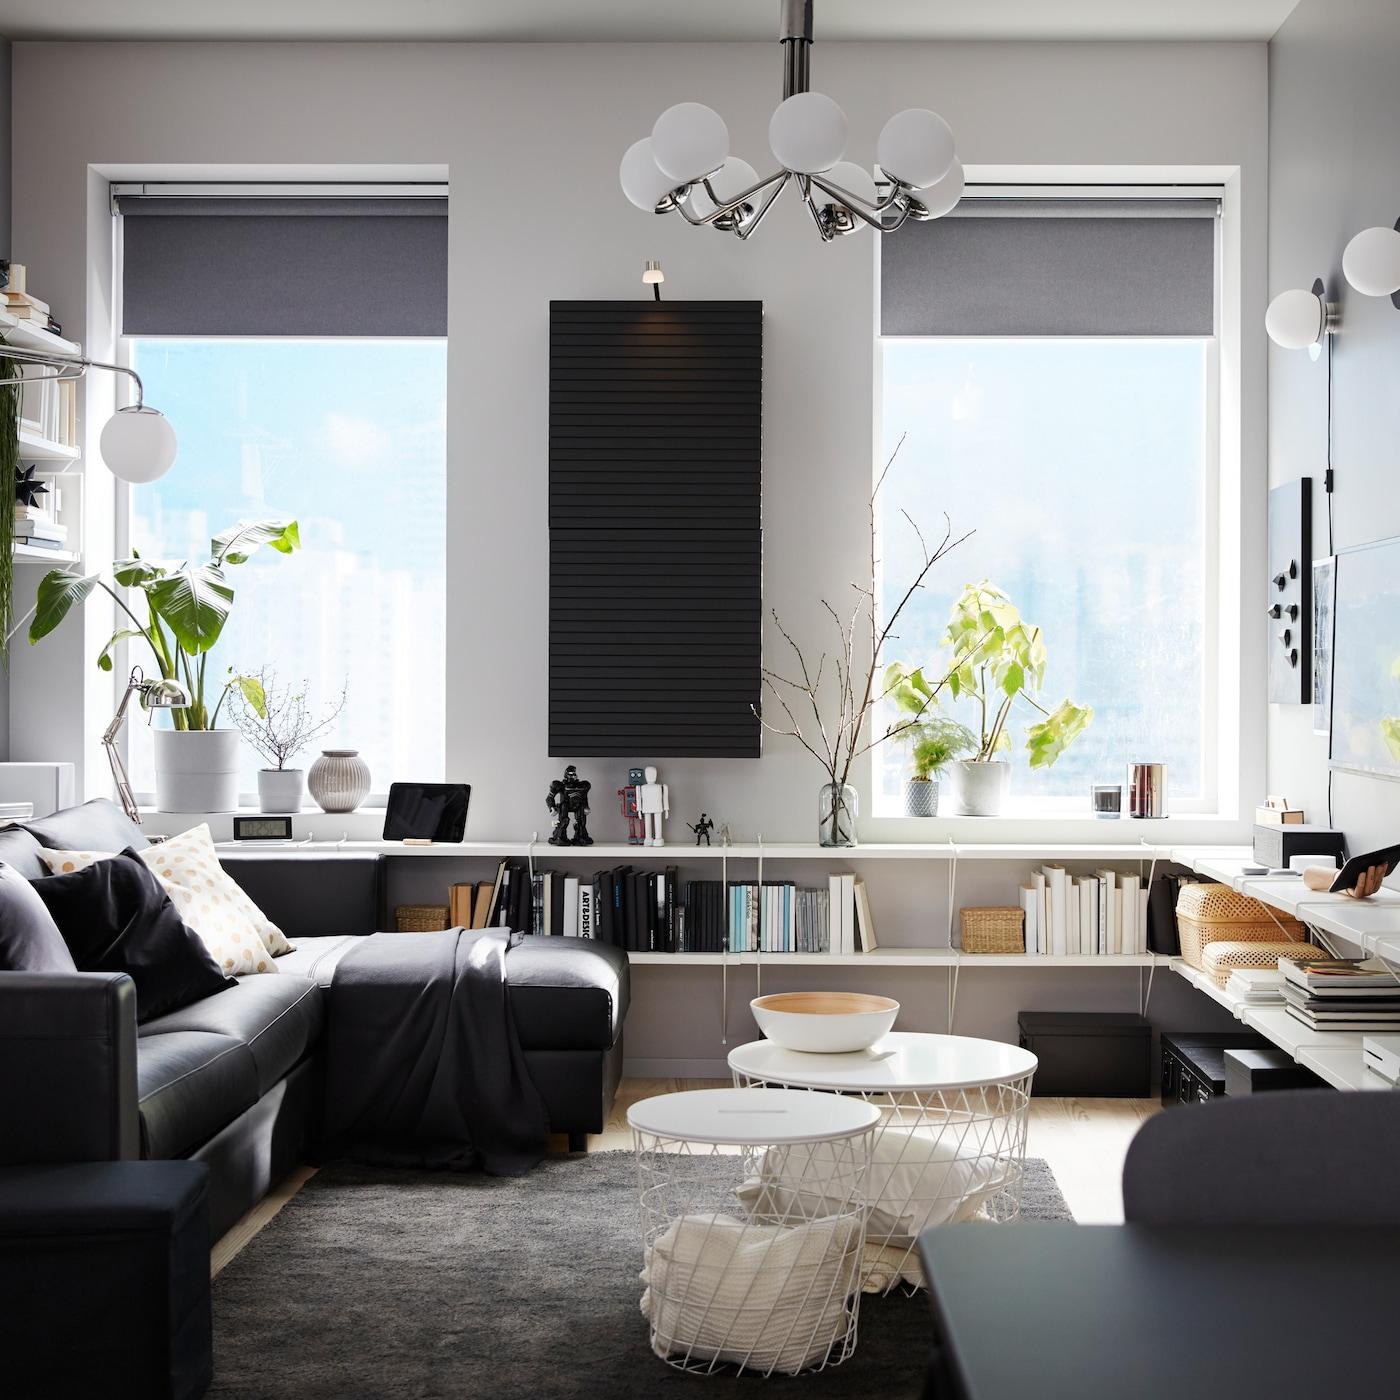 Гостиная с черным диваном-кроватью и шезлонгом, белыми полками, антрацитовым настенным шкафом и темно-серым ковром.